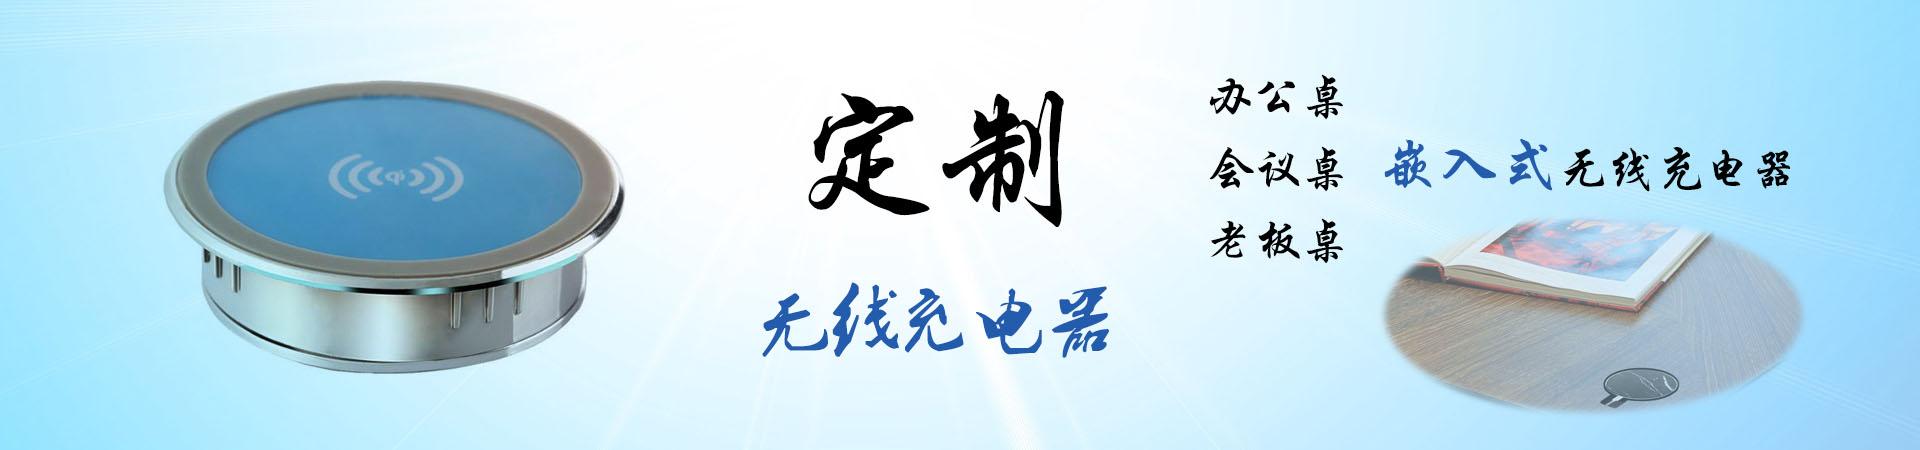 深圳无线充电器厂家定制嵌入式桌面无线充电器